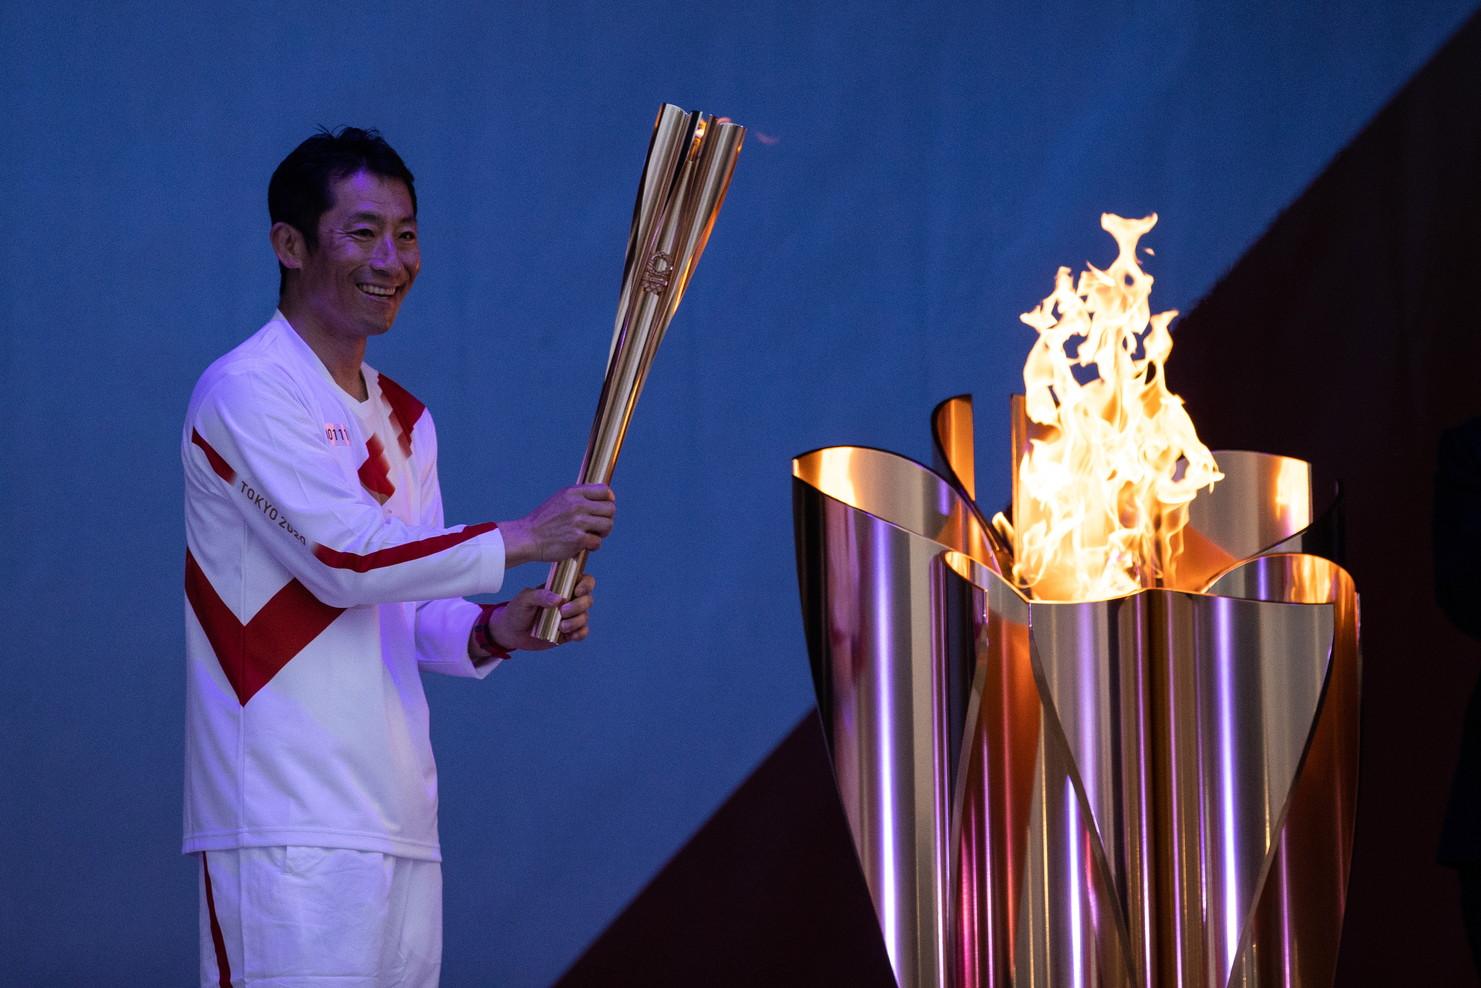 """<p style=""""text-align: justify;"""">A un anno esatto dal rinvio delle Olimpiadi di Tokyo 2020, ha preso il via oggi da Fukushima il viaggio della fiaccola olimpica, in una cerimonia pi&ugrave;&nbsp;contenuta - come da programma - per via dell&#39;emergenza sanitaria dovuta al coronavirus. La staffetta toccher&agrave;&nbsp;tutte le 47 prefetture dell&#39;arcipelago per i prossimi quattro mesi, riguarder&agrave;&nbsp;circa 10.000 tedofori e si concluder&agrave;&nbsp;con l&#39;arrivo della torcia allo Stadio Olimpico di Tokyo, in tempo per l&#39;avvio dei Giochi previsto per il 23 luglio.<br /><br />"""